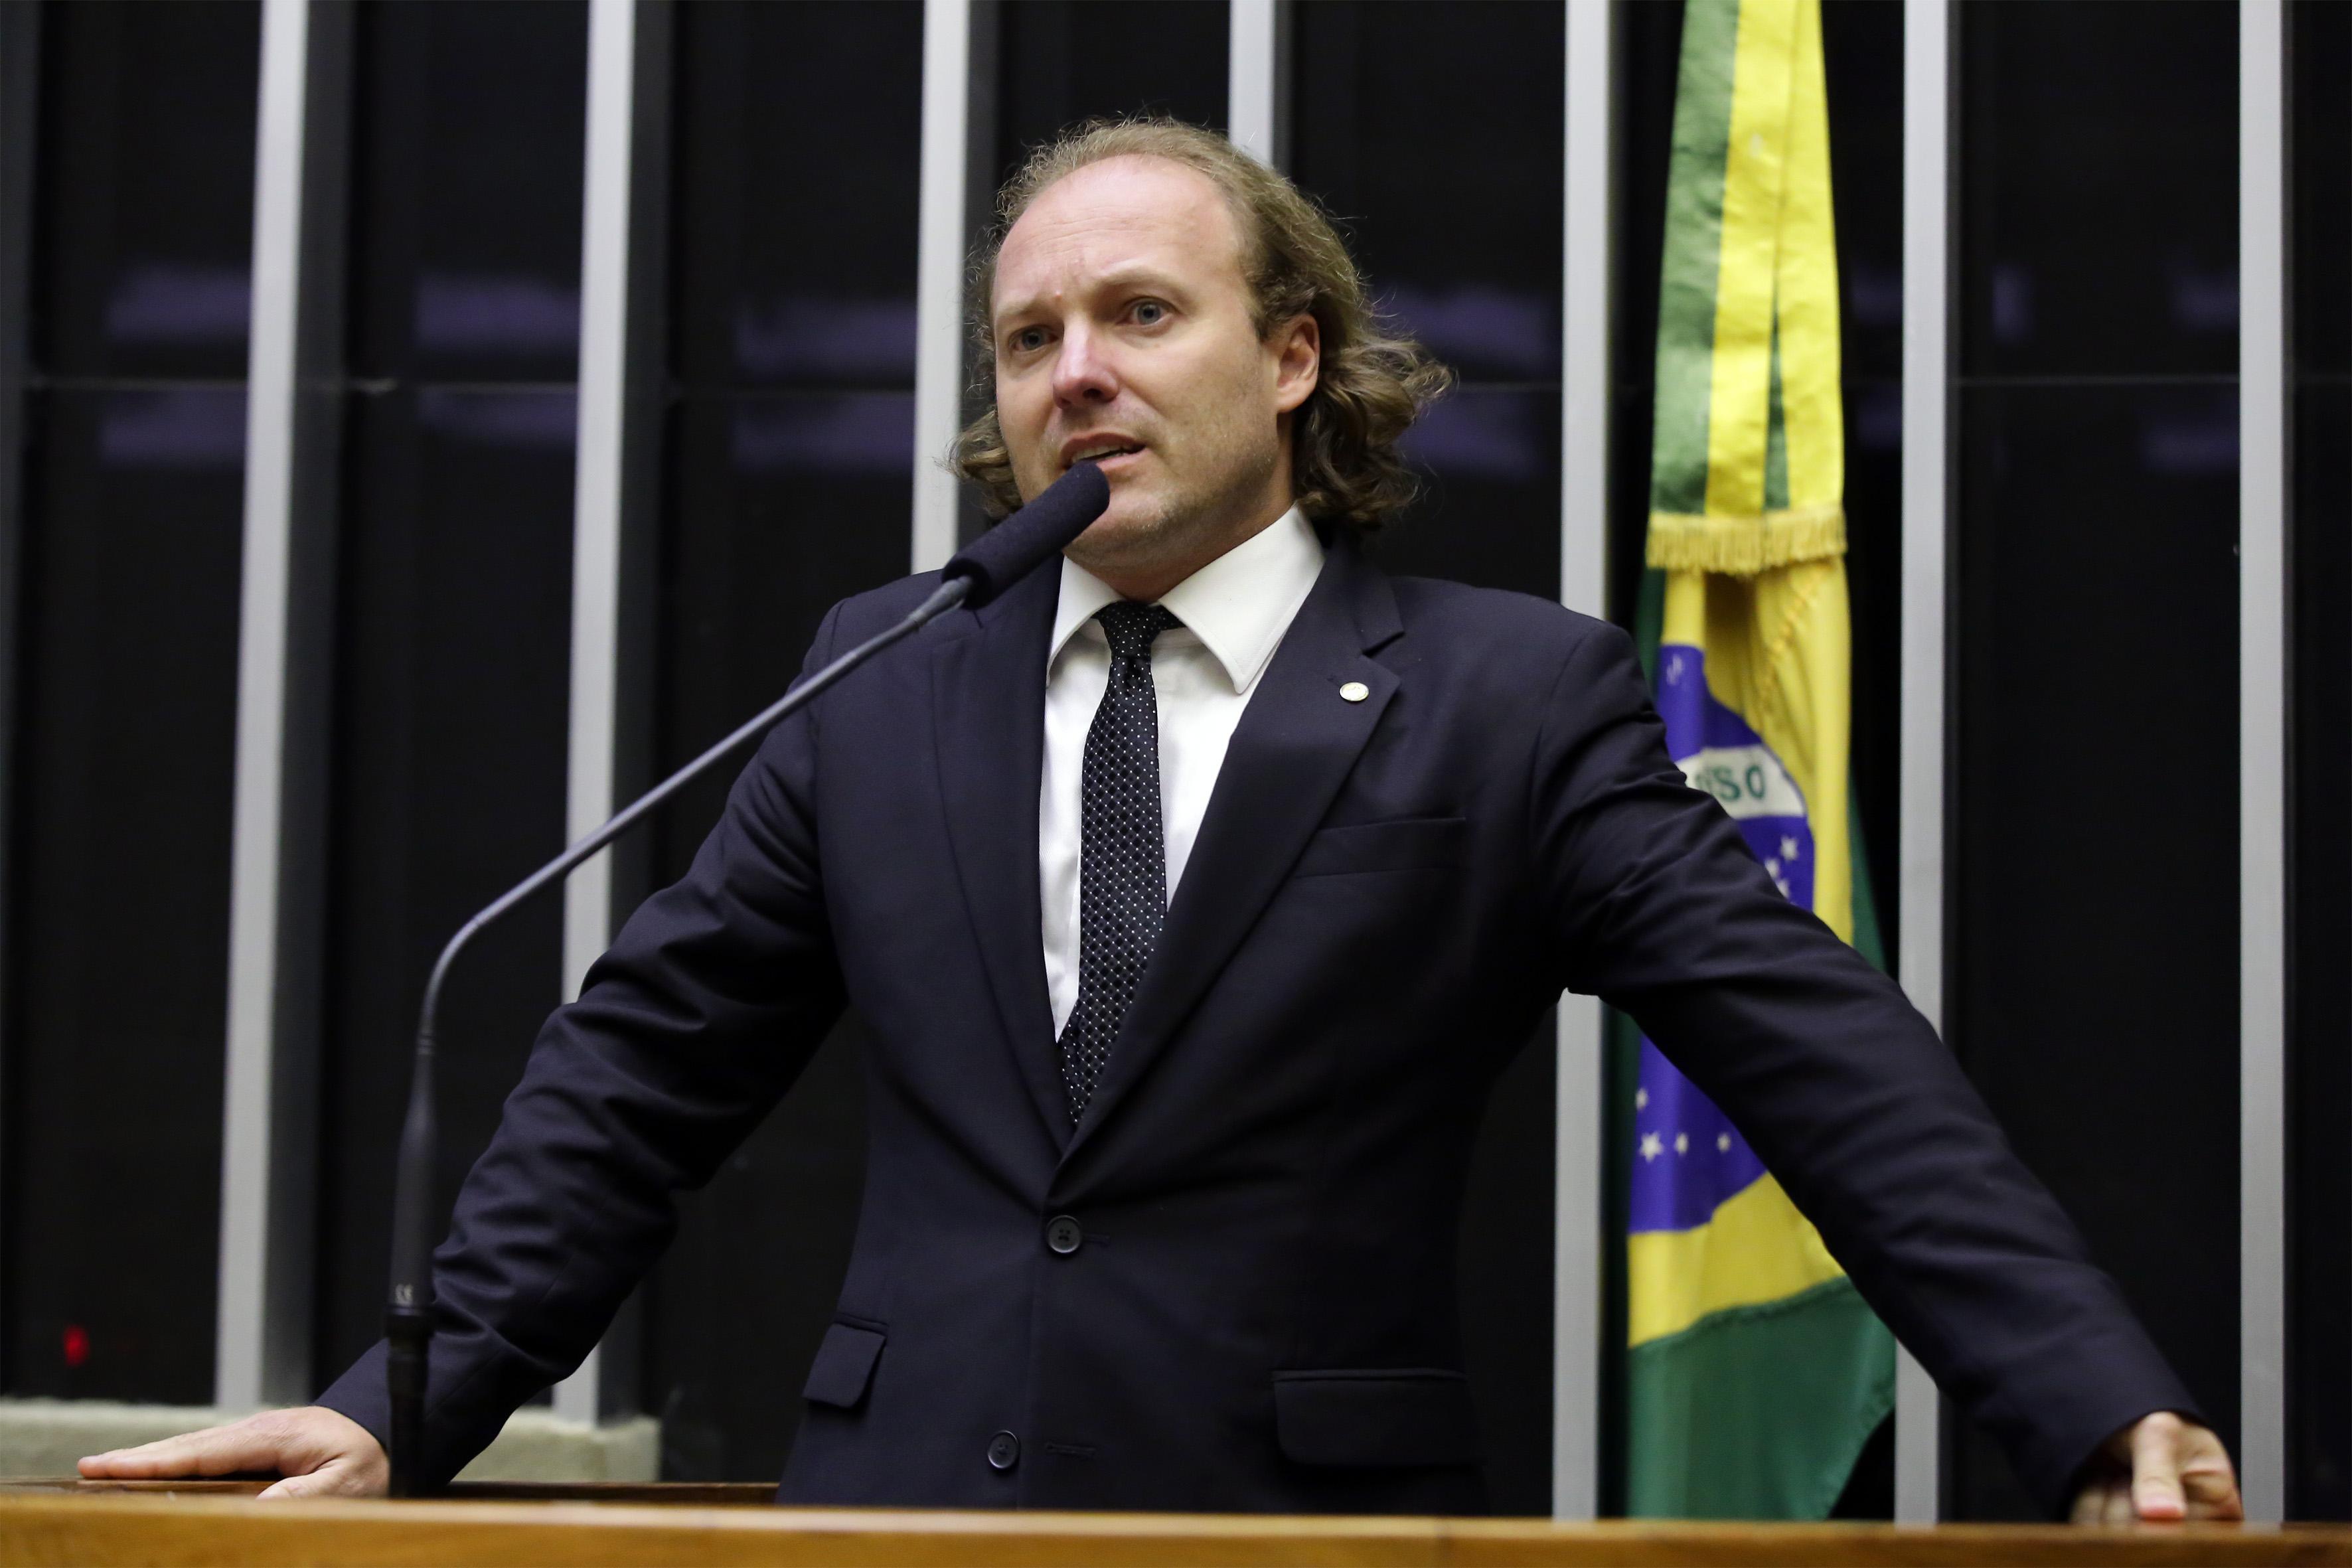 Comissão geral para discutir sobre as circunstâncias e responsabilidades do rompimento da barragem da Mina do Córrego do Feijó, em Brumadinho, MG. Dep. Rodrigo Agostinho (PSB - SP)